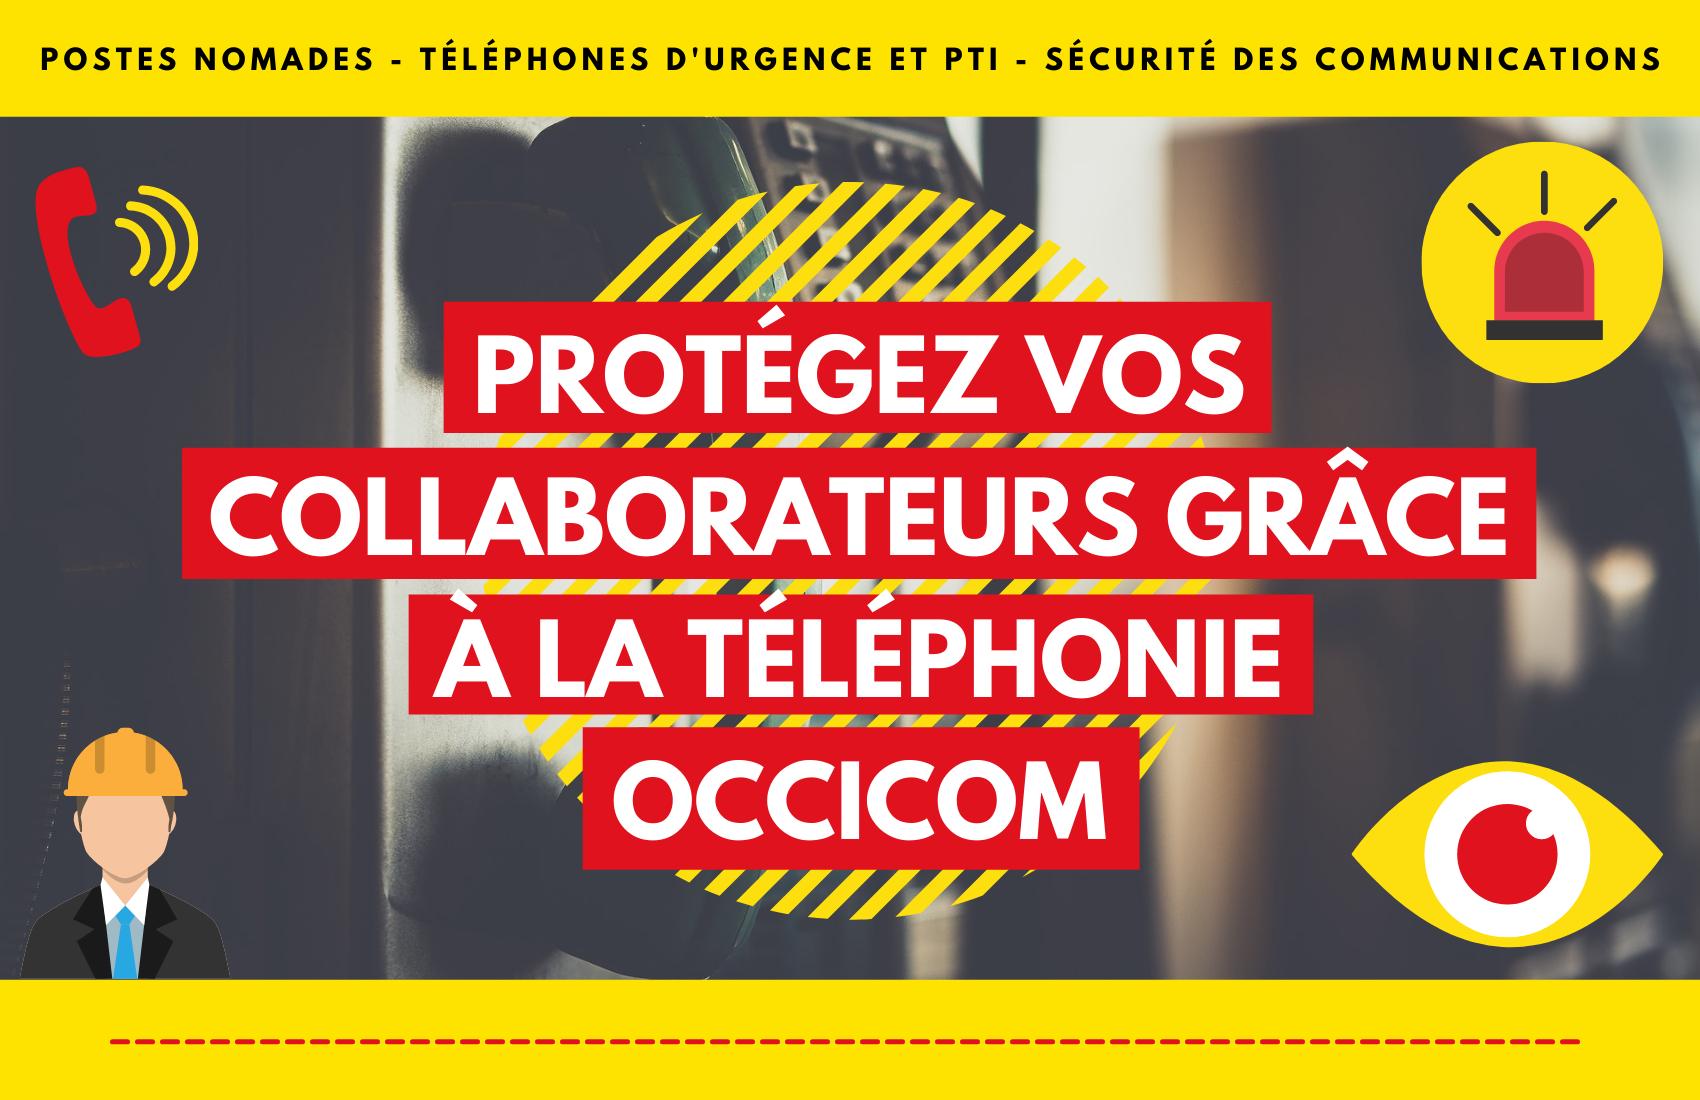 Comment la téléphonie OcciCom protège-t-elle vos collaborateurs ?